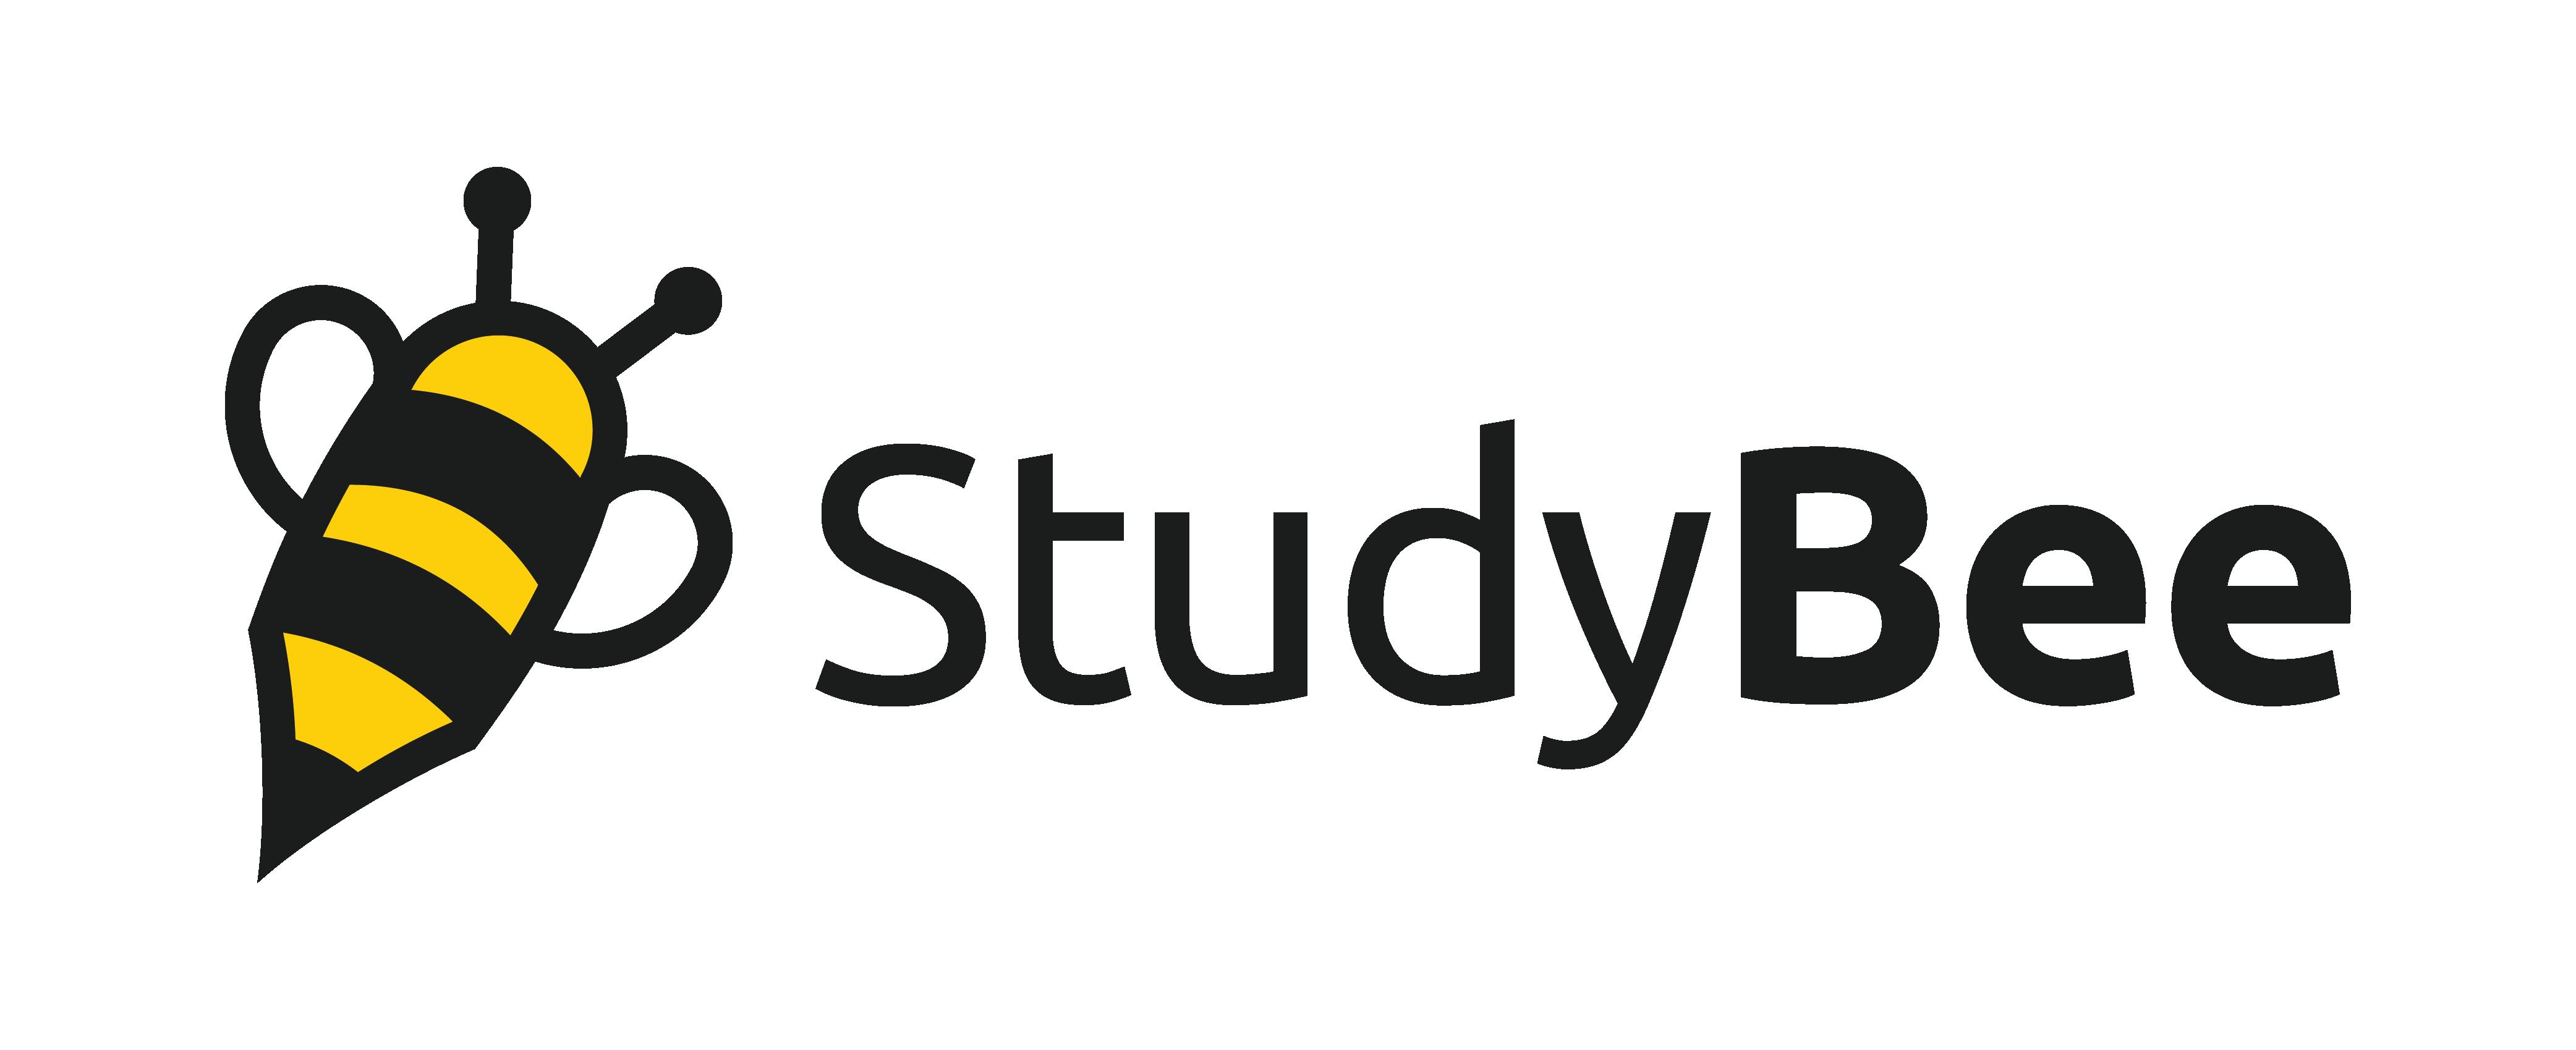 Studybee